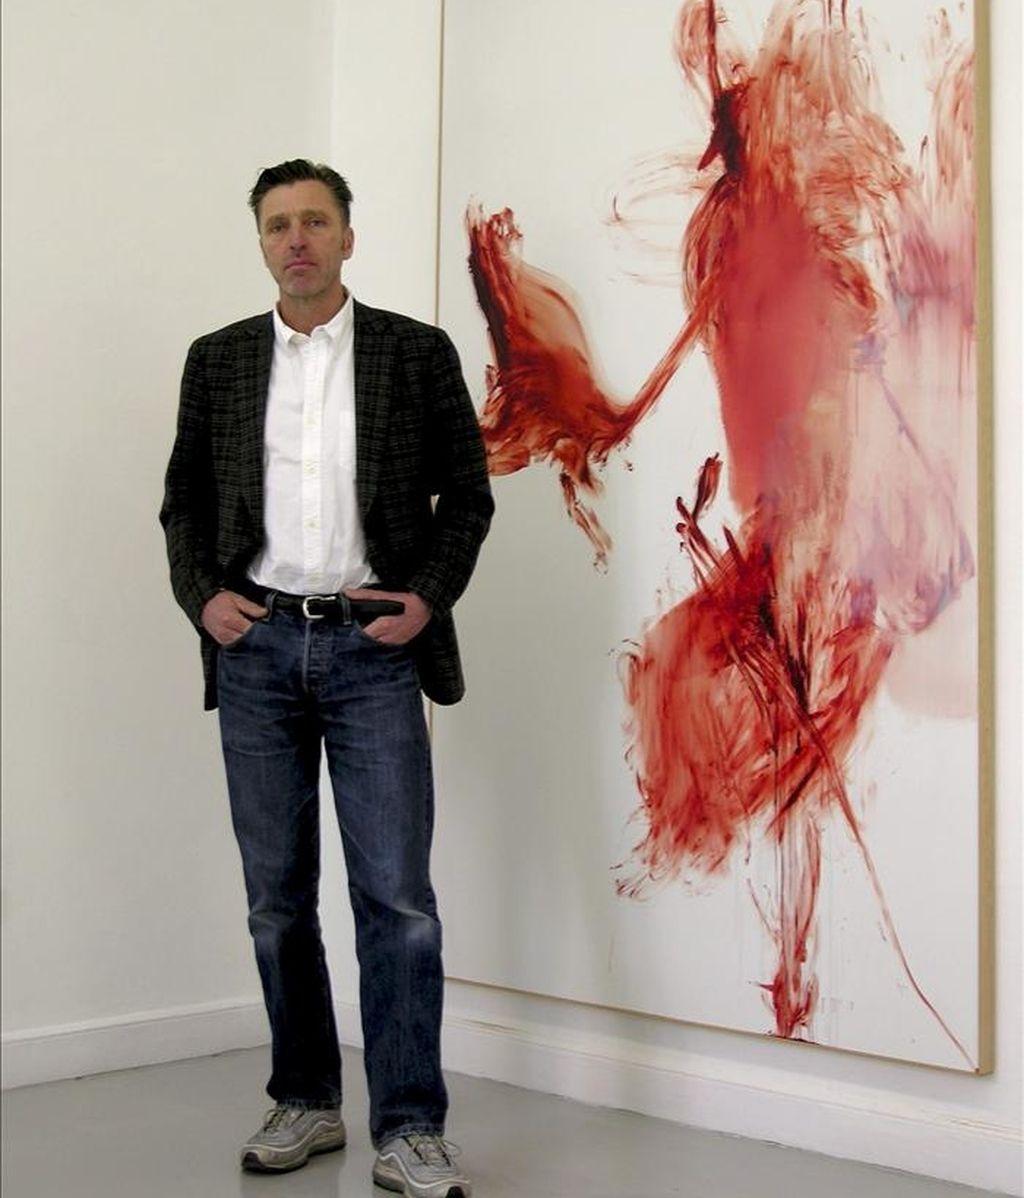 """El artista Albert Oehlen durante la entrevista que ha concendido hoy a la Agencia Efe con motivo de la inauguración hoy de la muestra de su serie """"H.A.T."""" en la galería Juana de Aizpuru. EFE"""